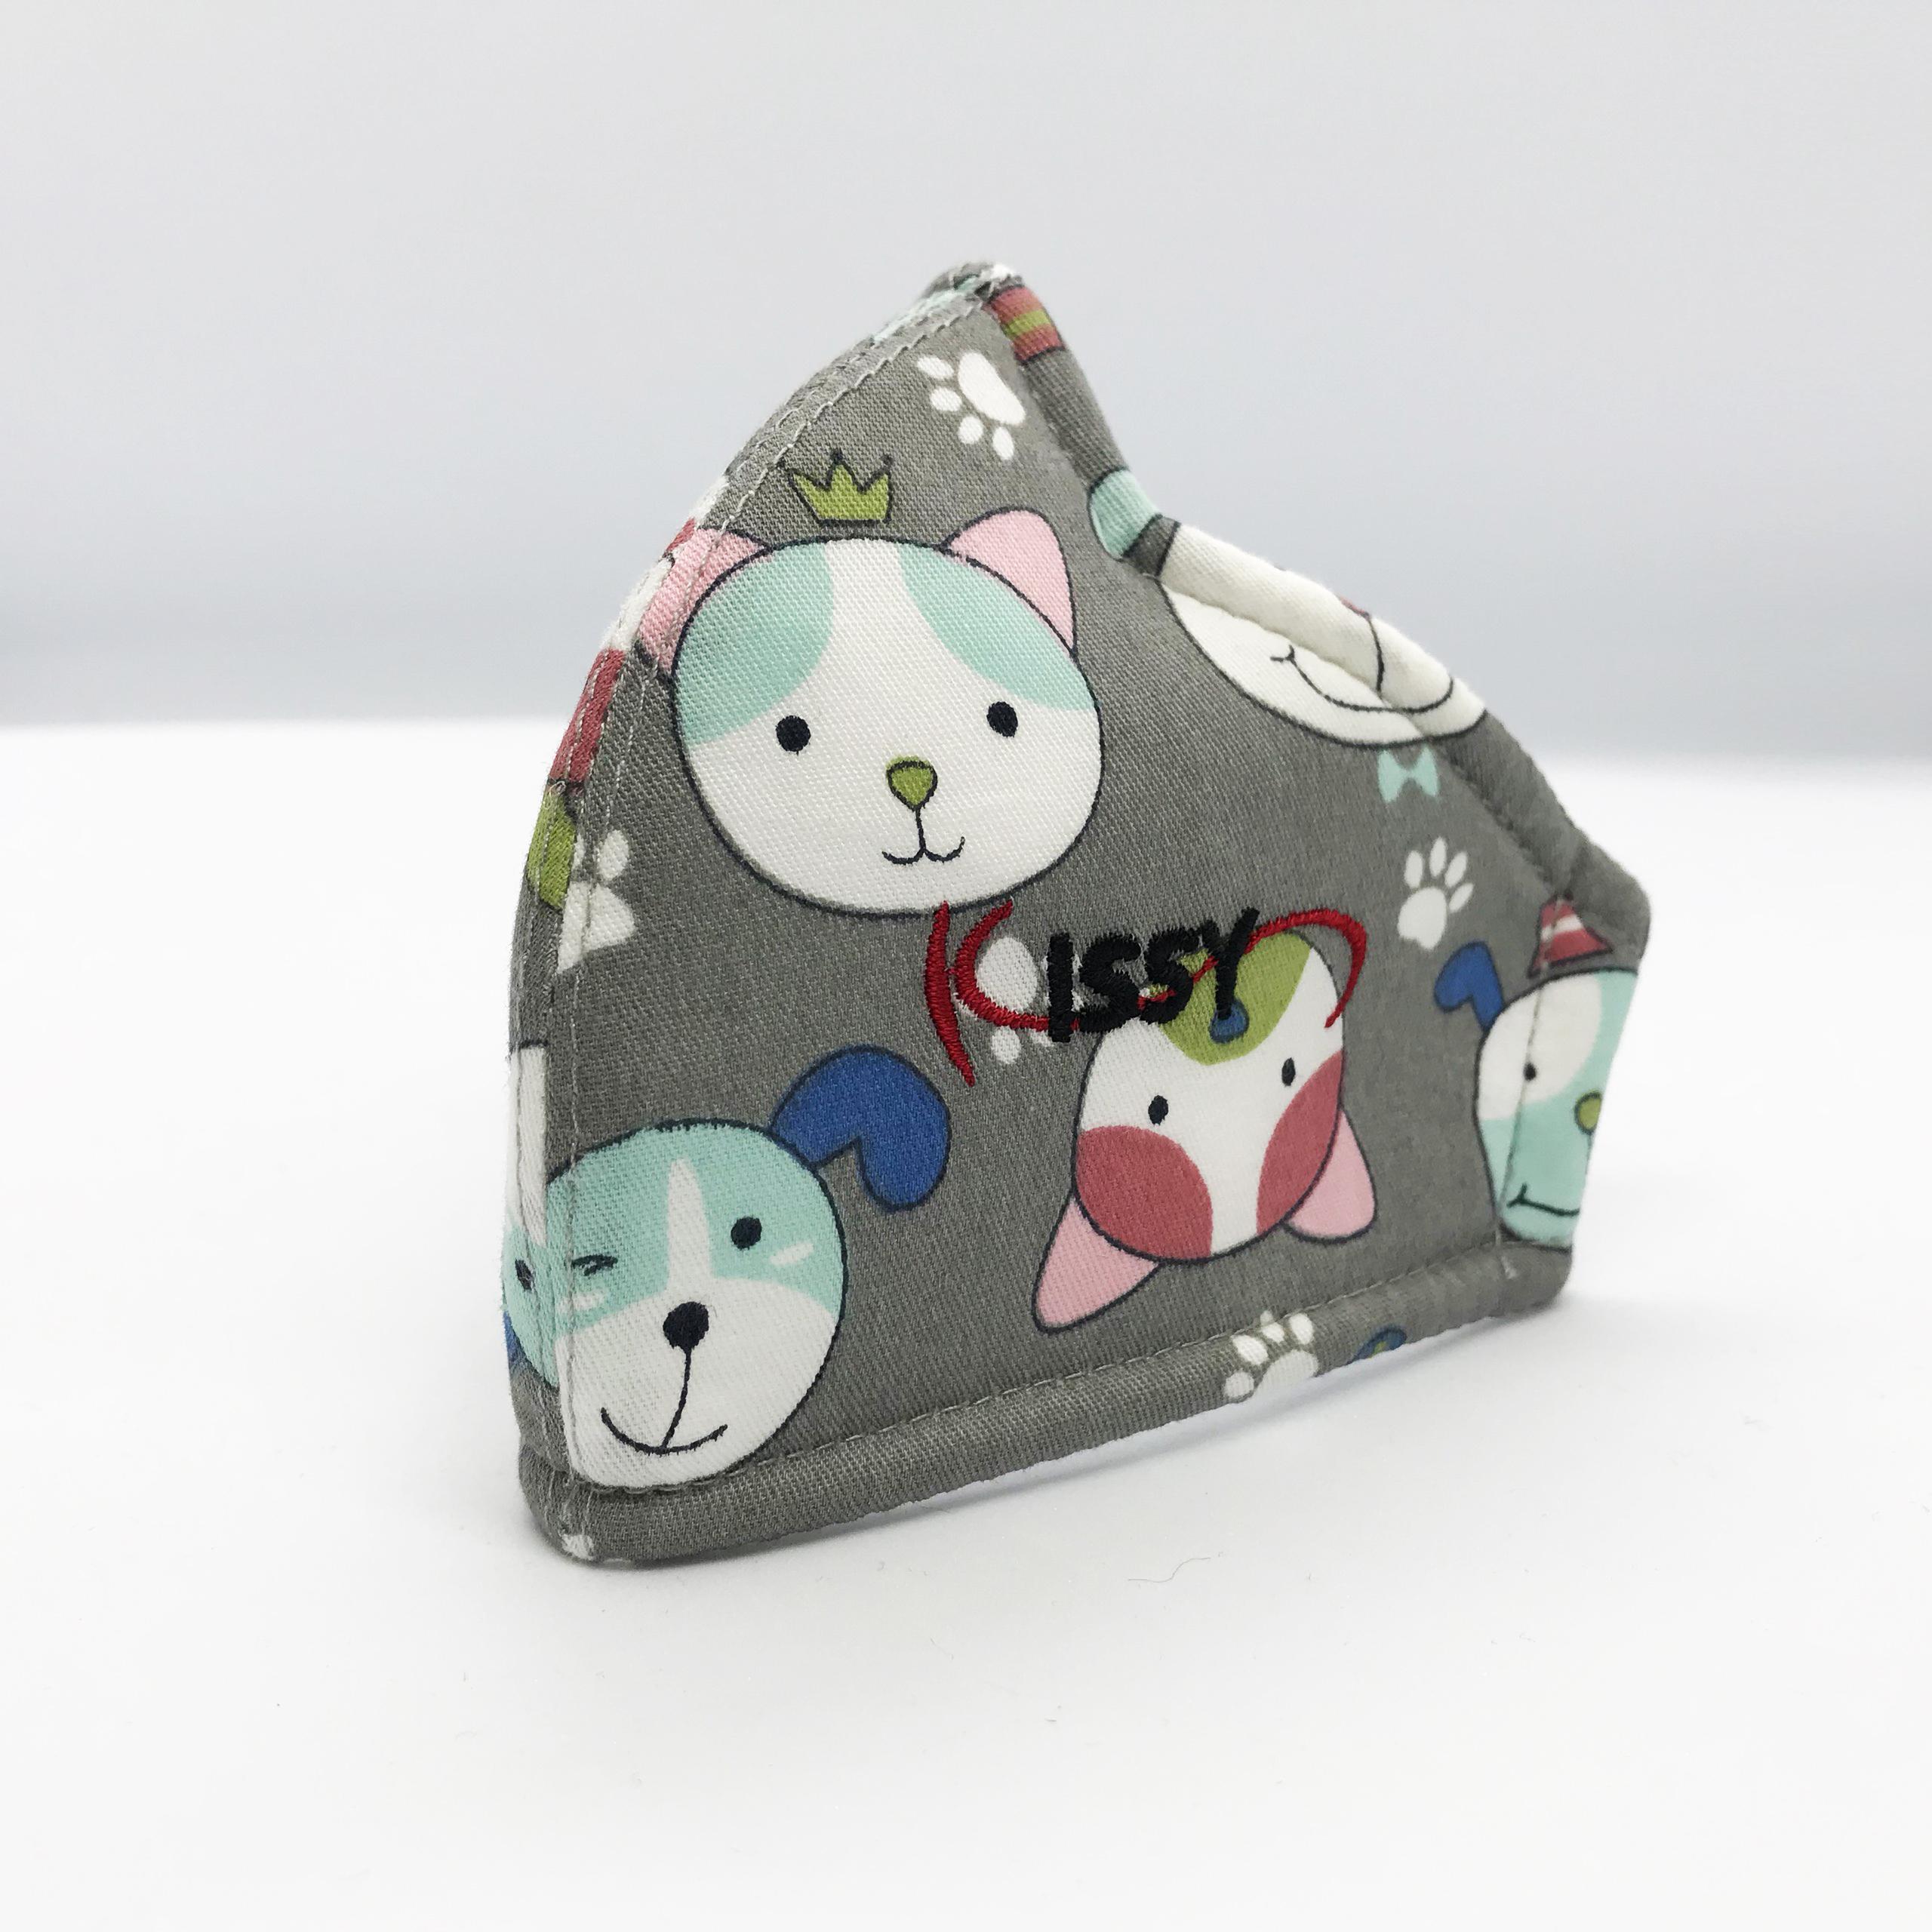 Khẩu trang sợi hoạt tính Kissy cho bé 6 tháng đến 4 tuổi - (mẫu 1)